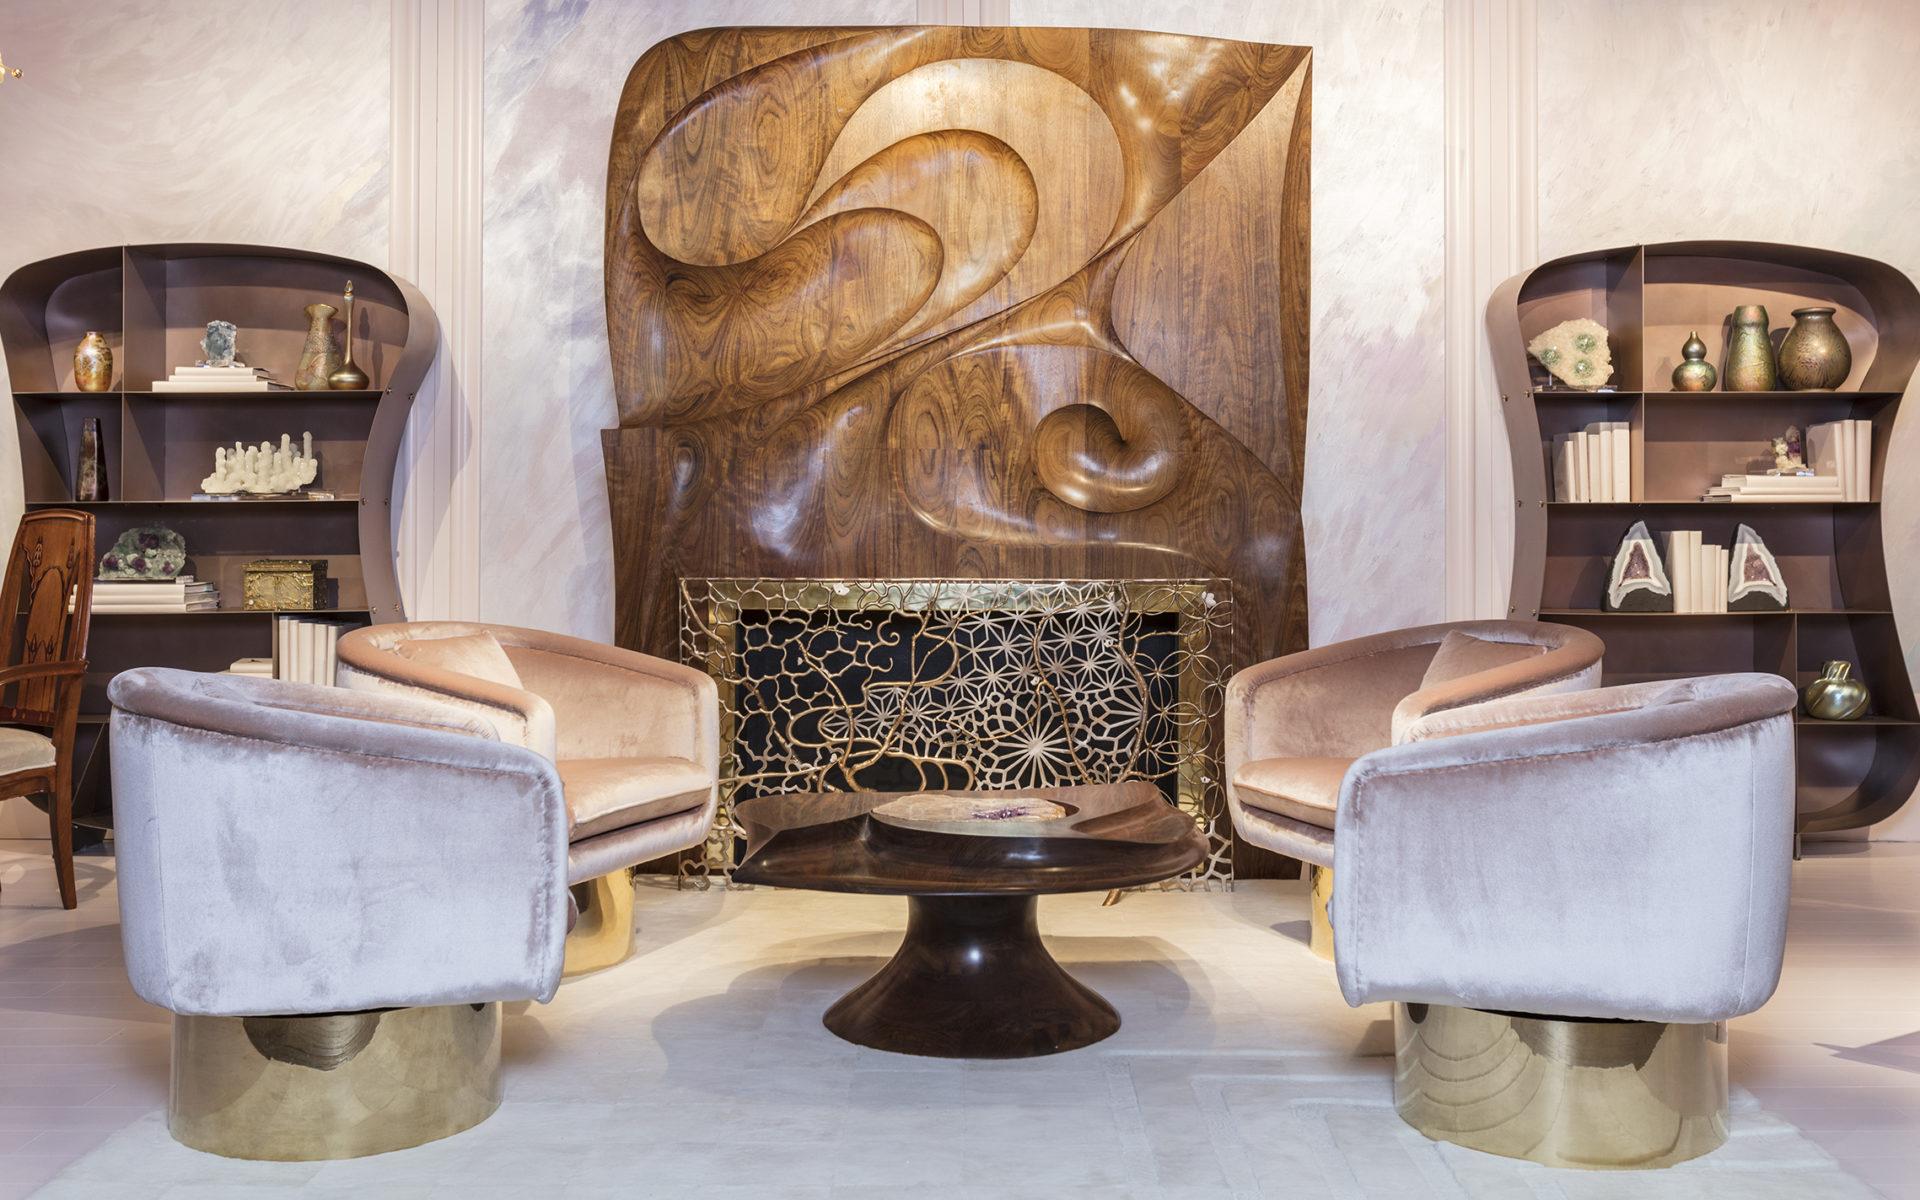 Designer Amy Lau Channels Art Nouveau at the Salon Show - Galerie